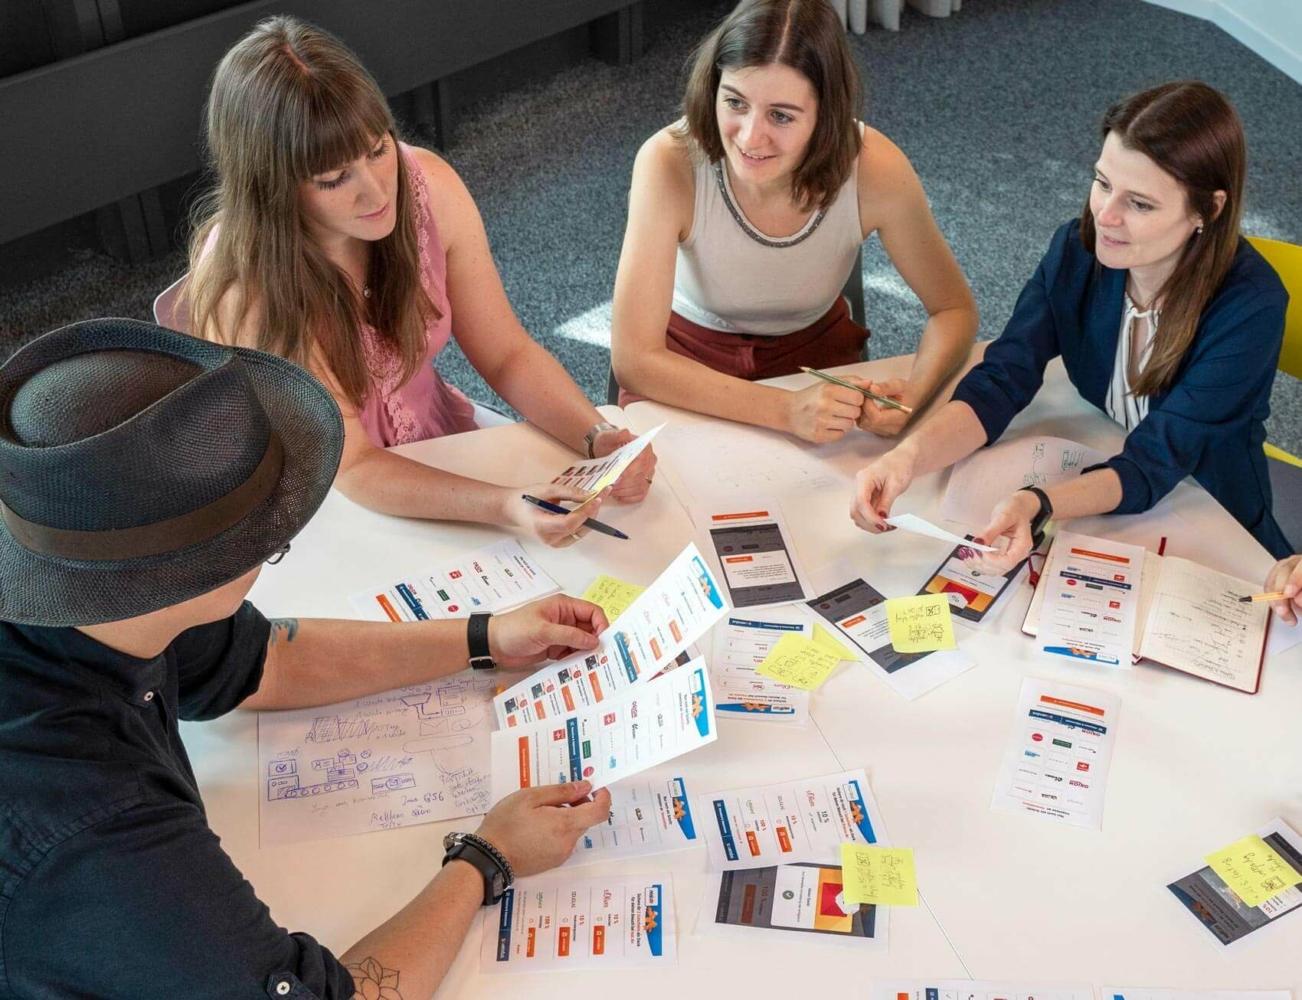 UX-Team arbeitet im Meeting an einem Tisch